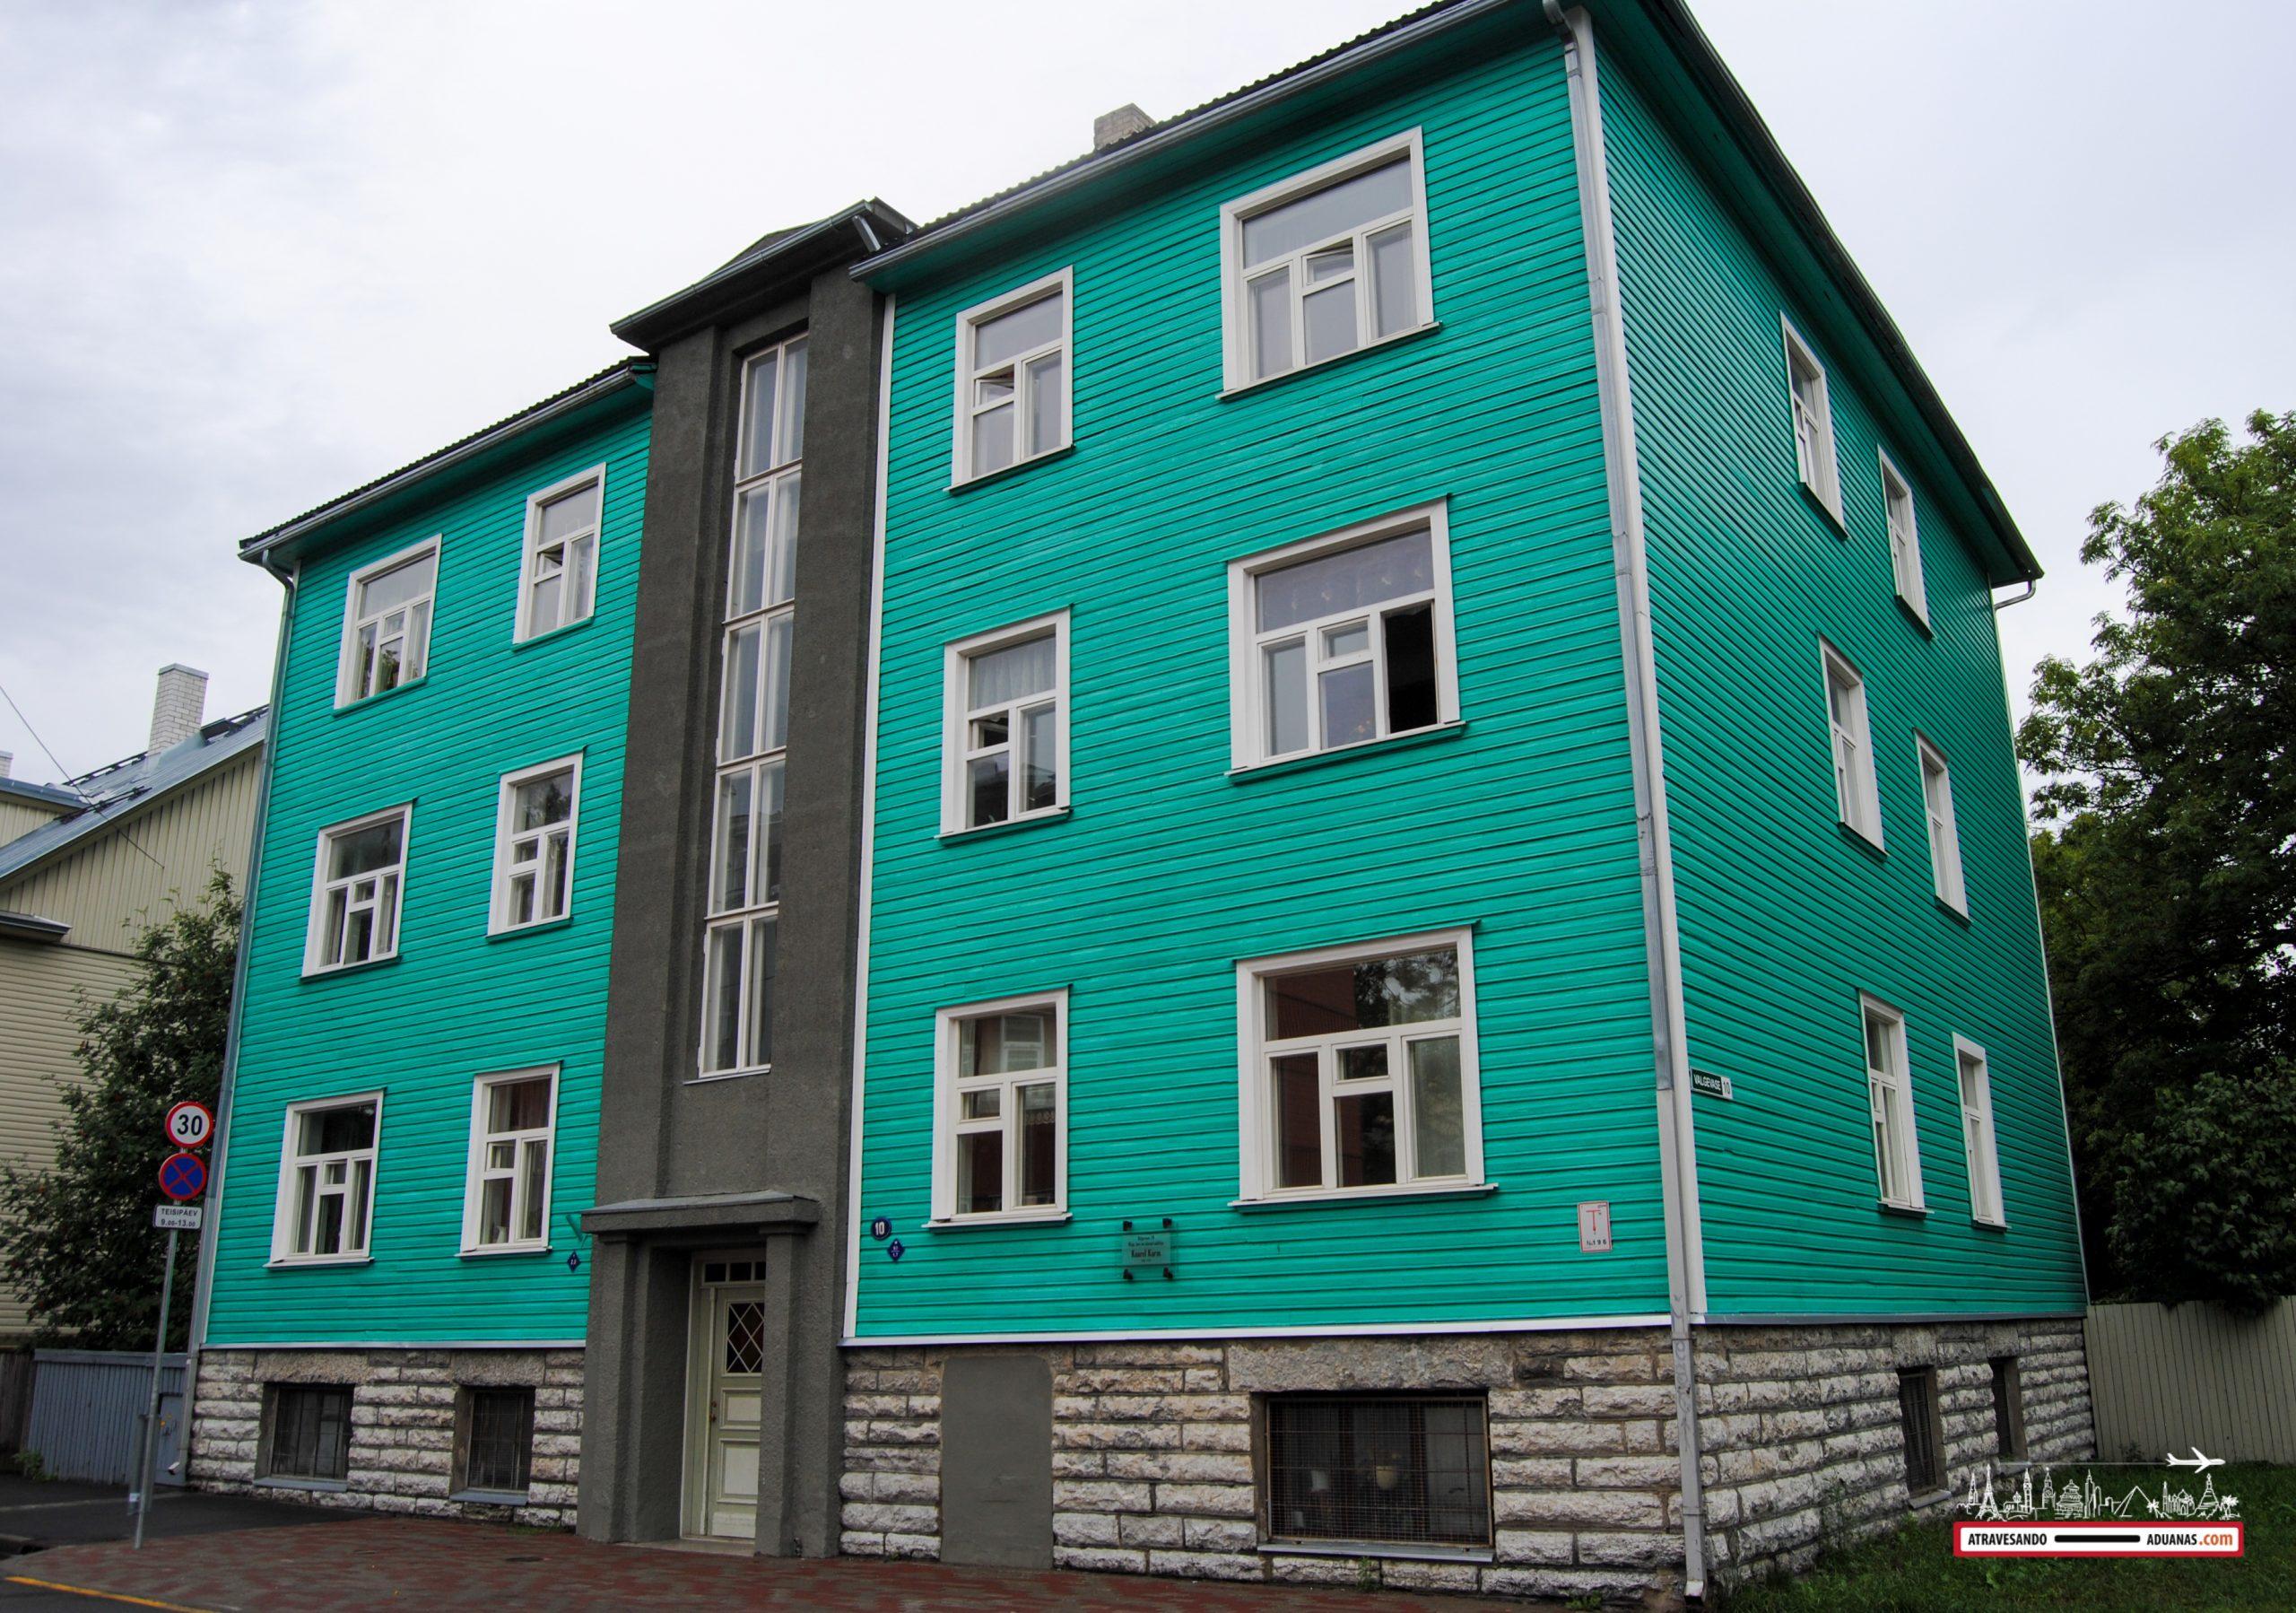 Casita de color verde y madera en Kalamaja, Tallinn